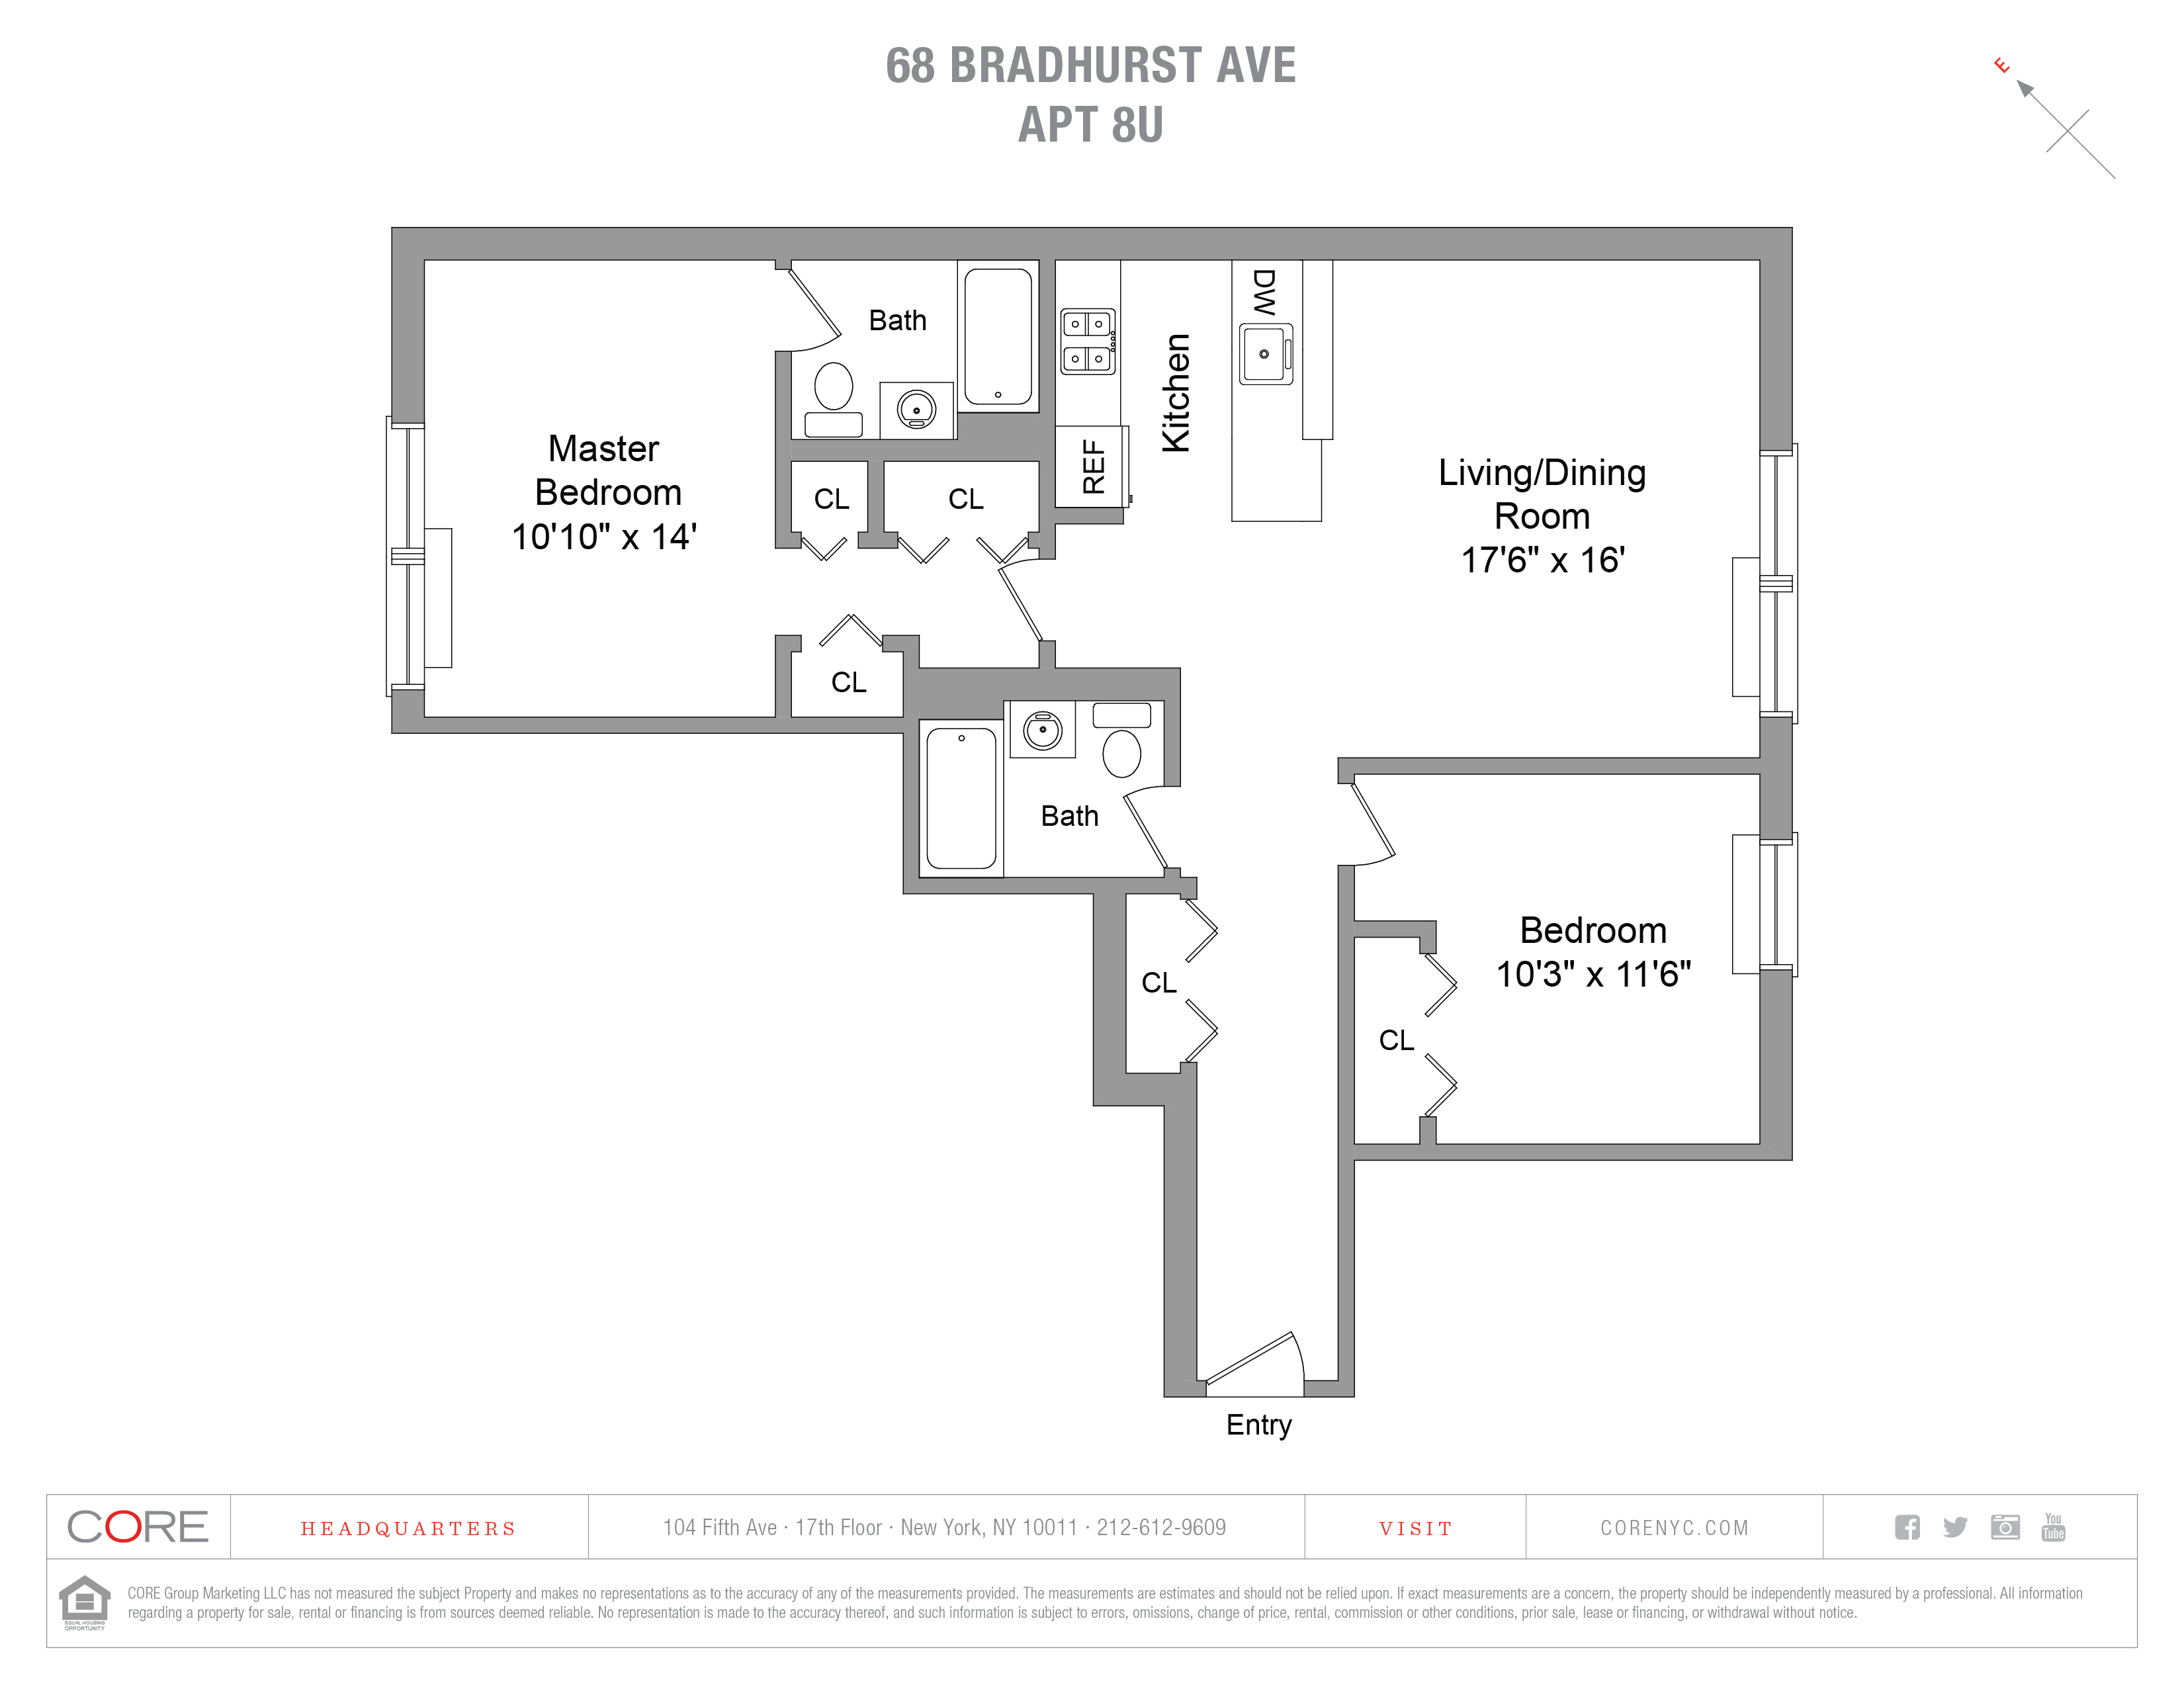 68 Bradhurst Ave. 8U, New York, NY 10030